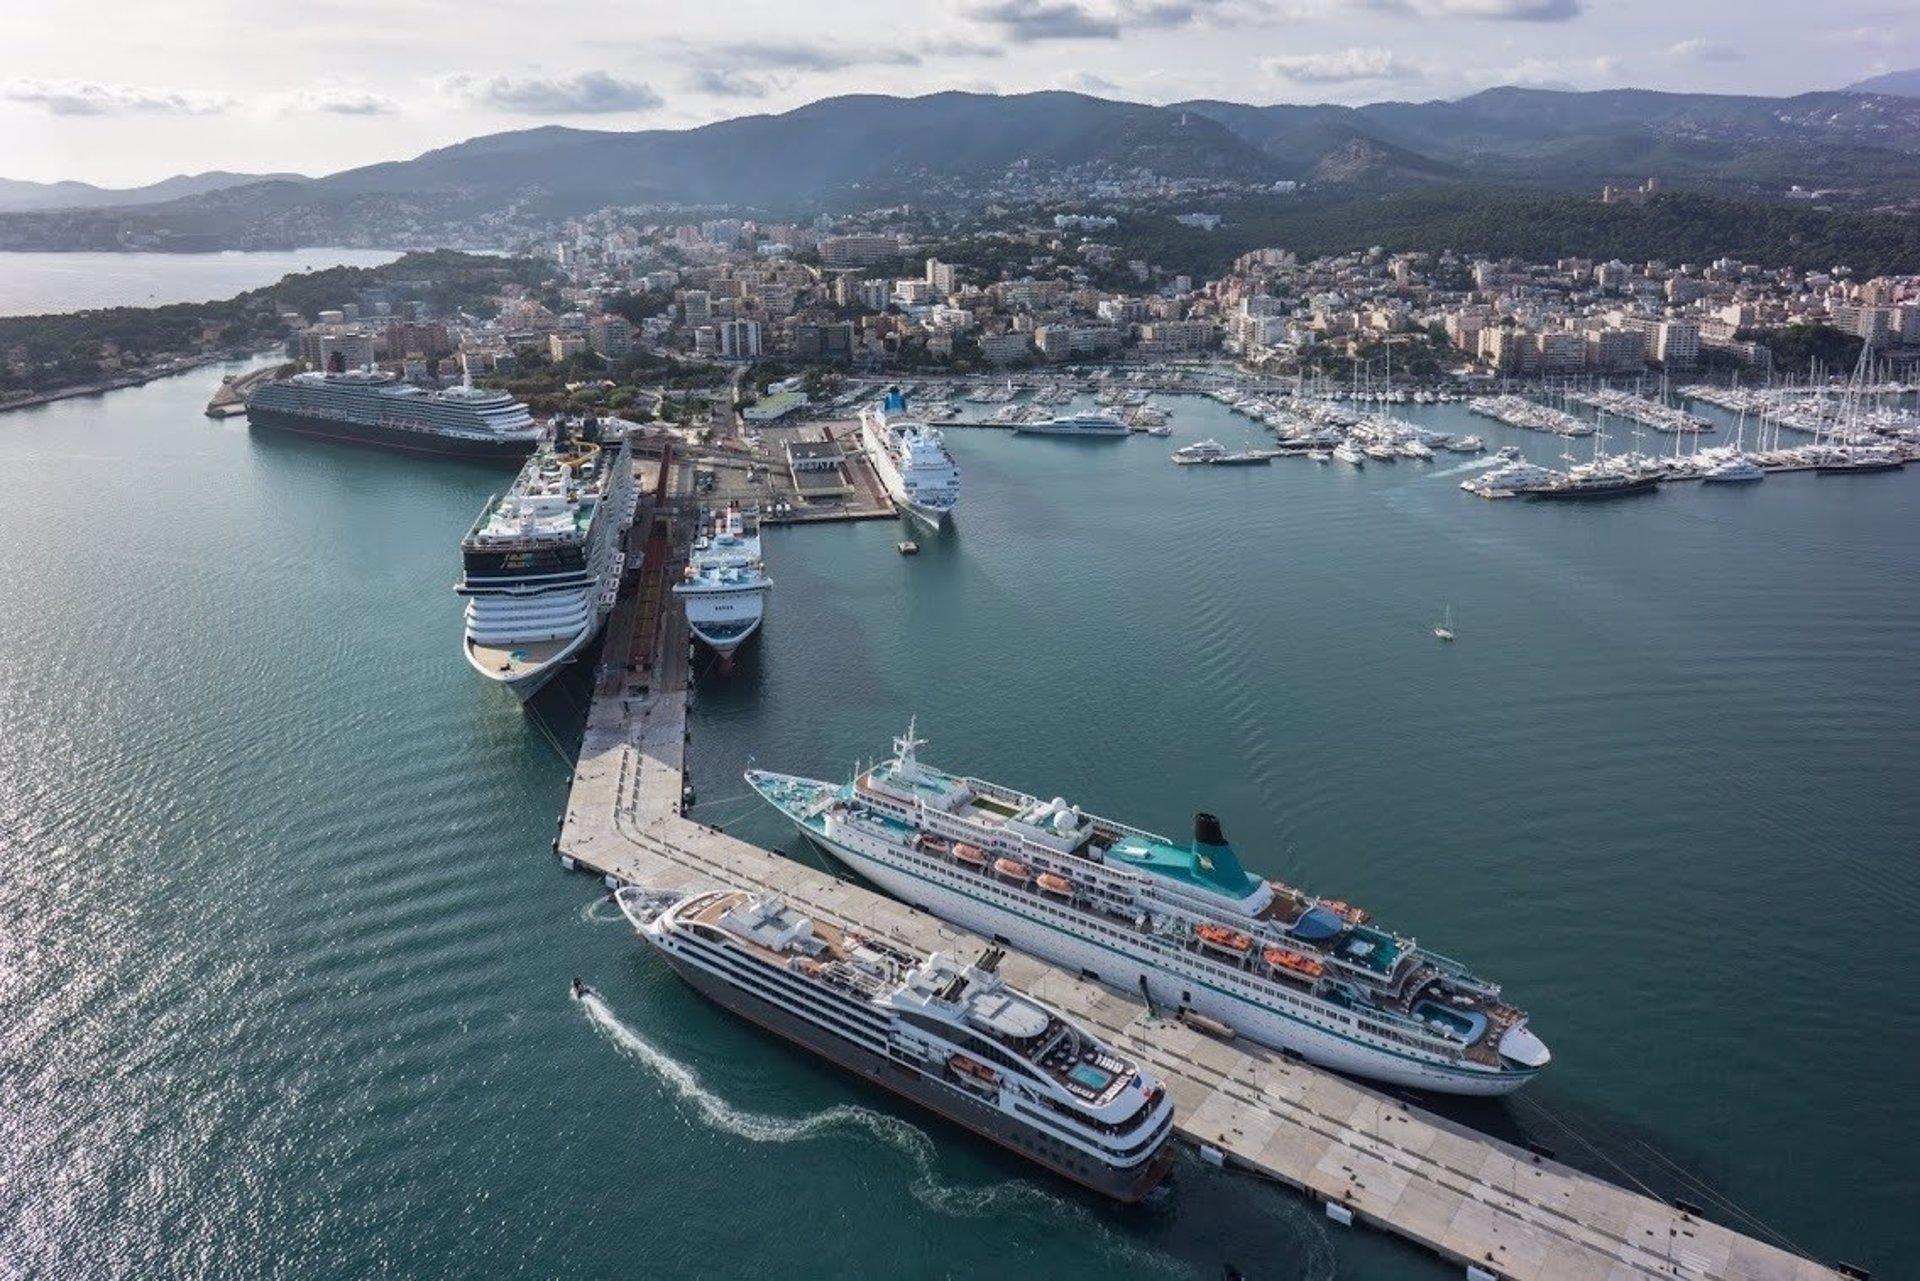 Aprobado el traspaso de Promoción Turística a los Consells de Mallorca, Menorca y Formentera